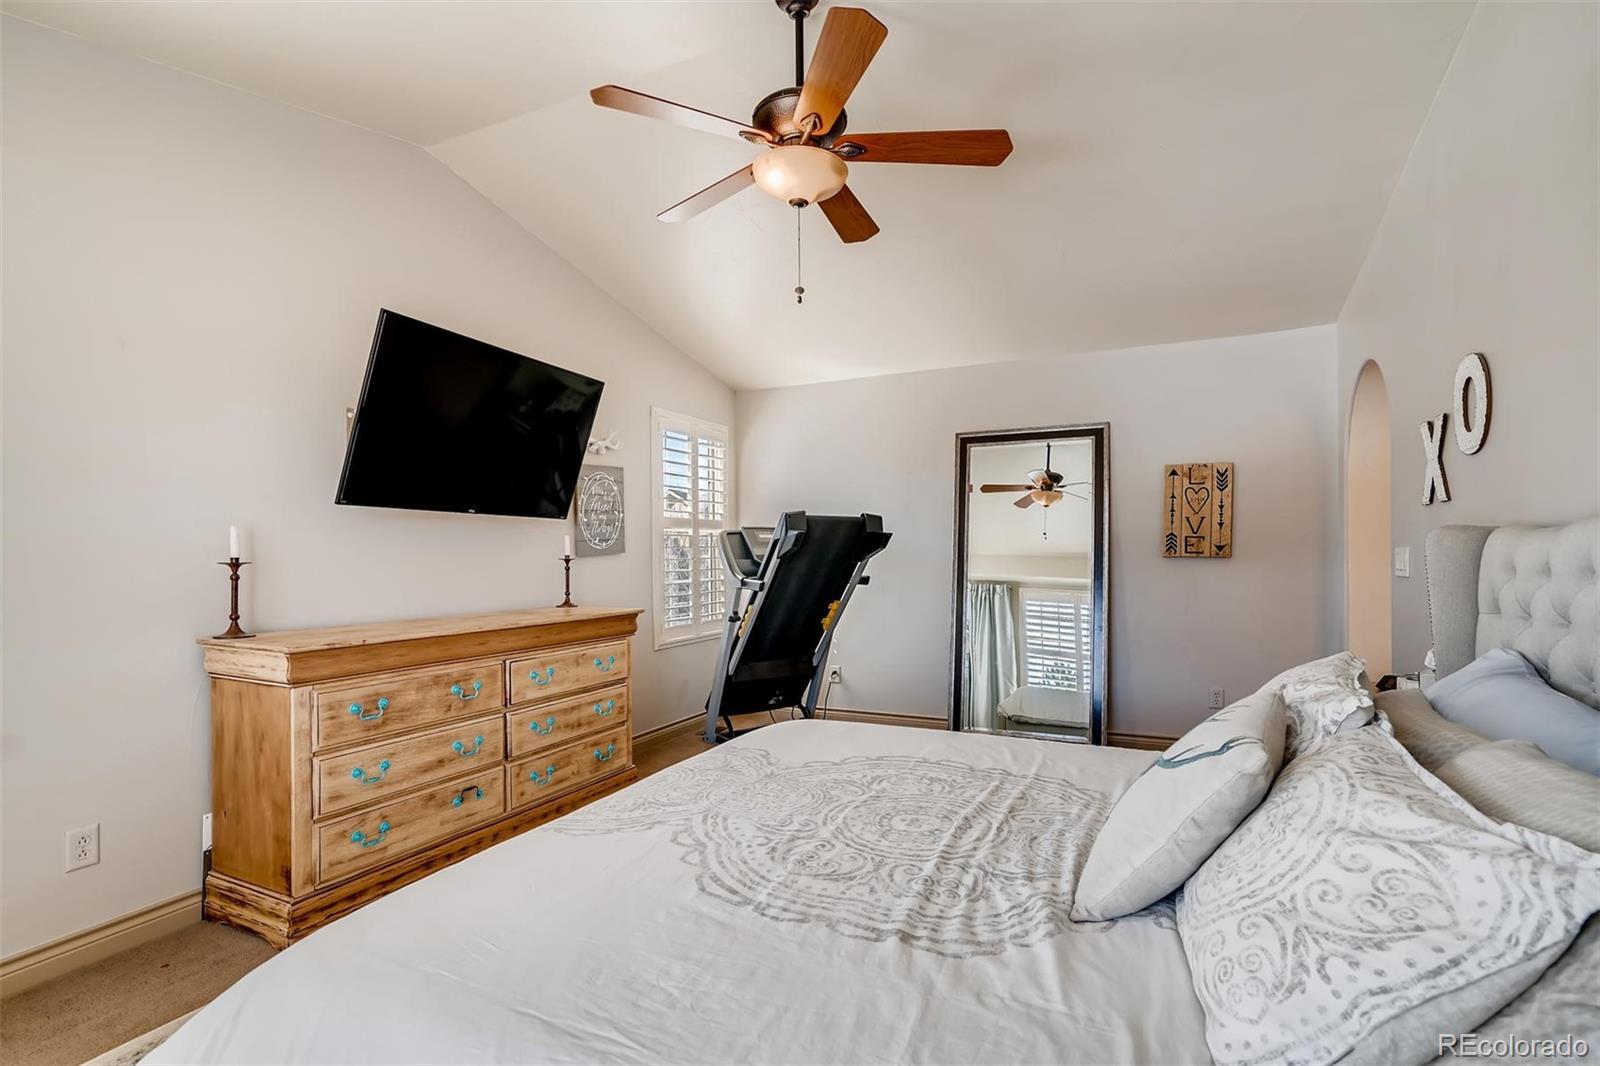 MLS# 8613765 - 20 - 3016 Breezy Lane, Castle Rock, CO 80109